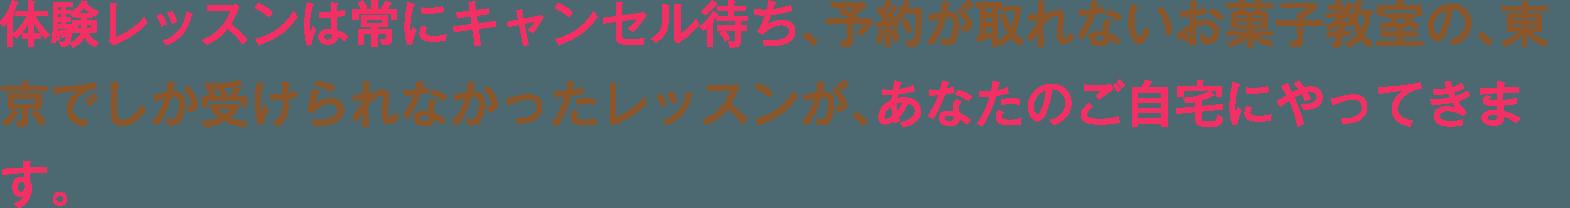 体験レッスンは常にキャンセル待ち、予約が取れないお菓子教室の、東京でしか受けられなかったレッスンが、あなたのご自宅にやってきます。